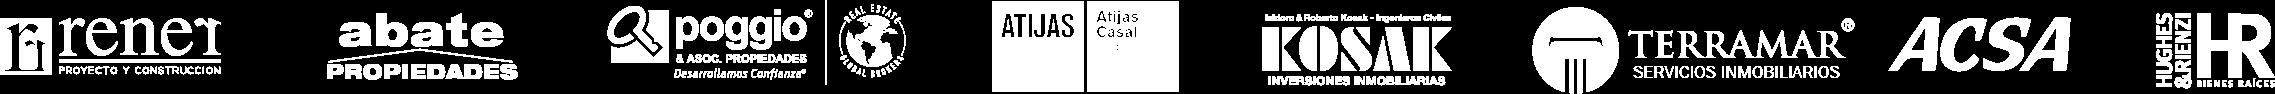 Logos inmobiliarias Uruguay